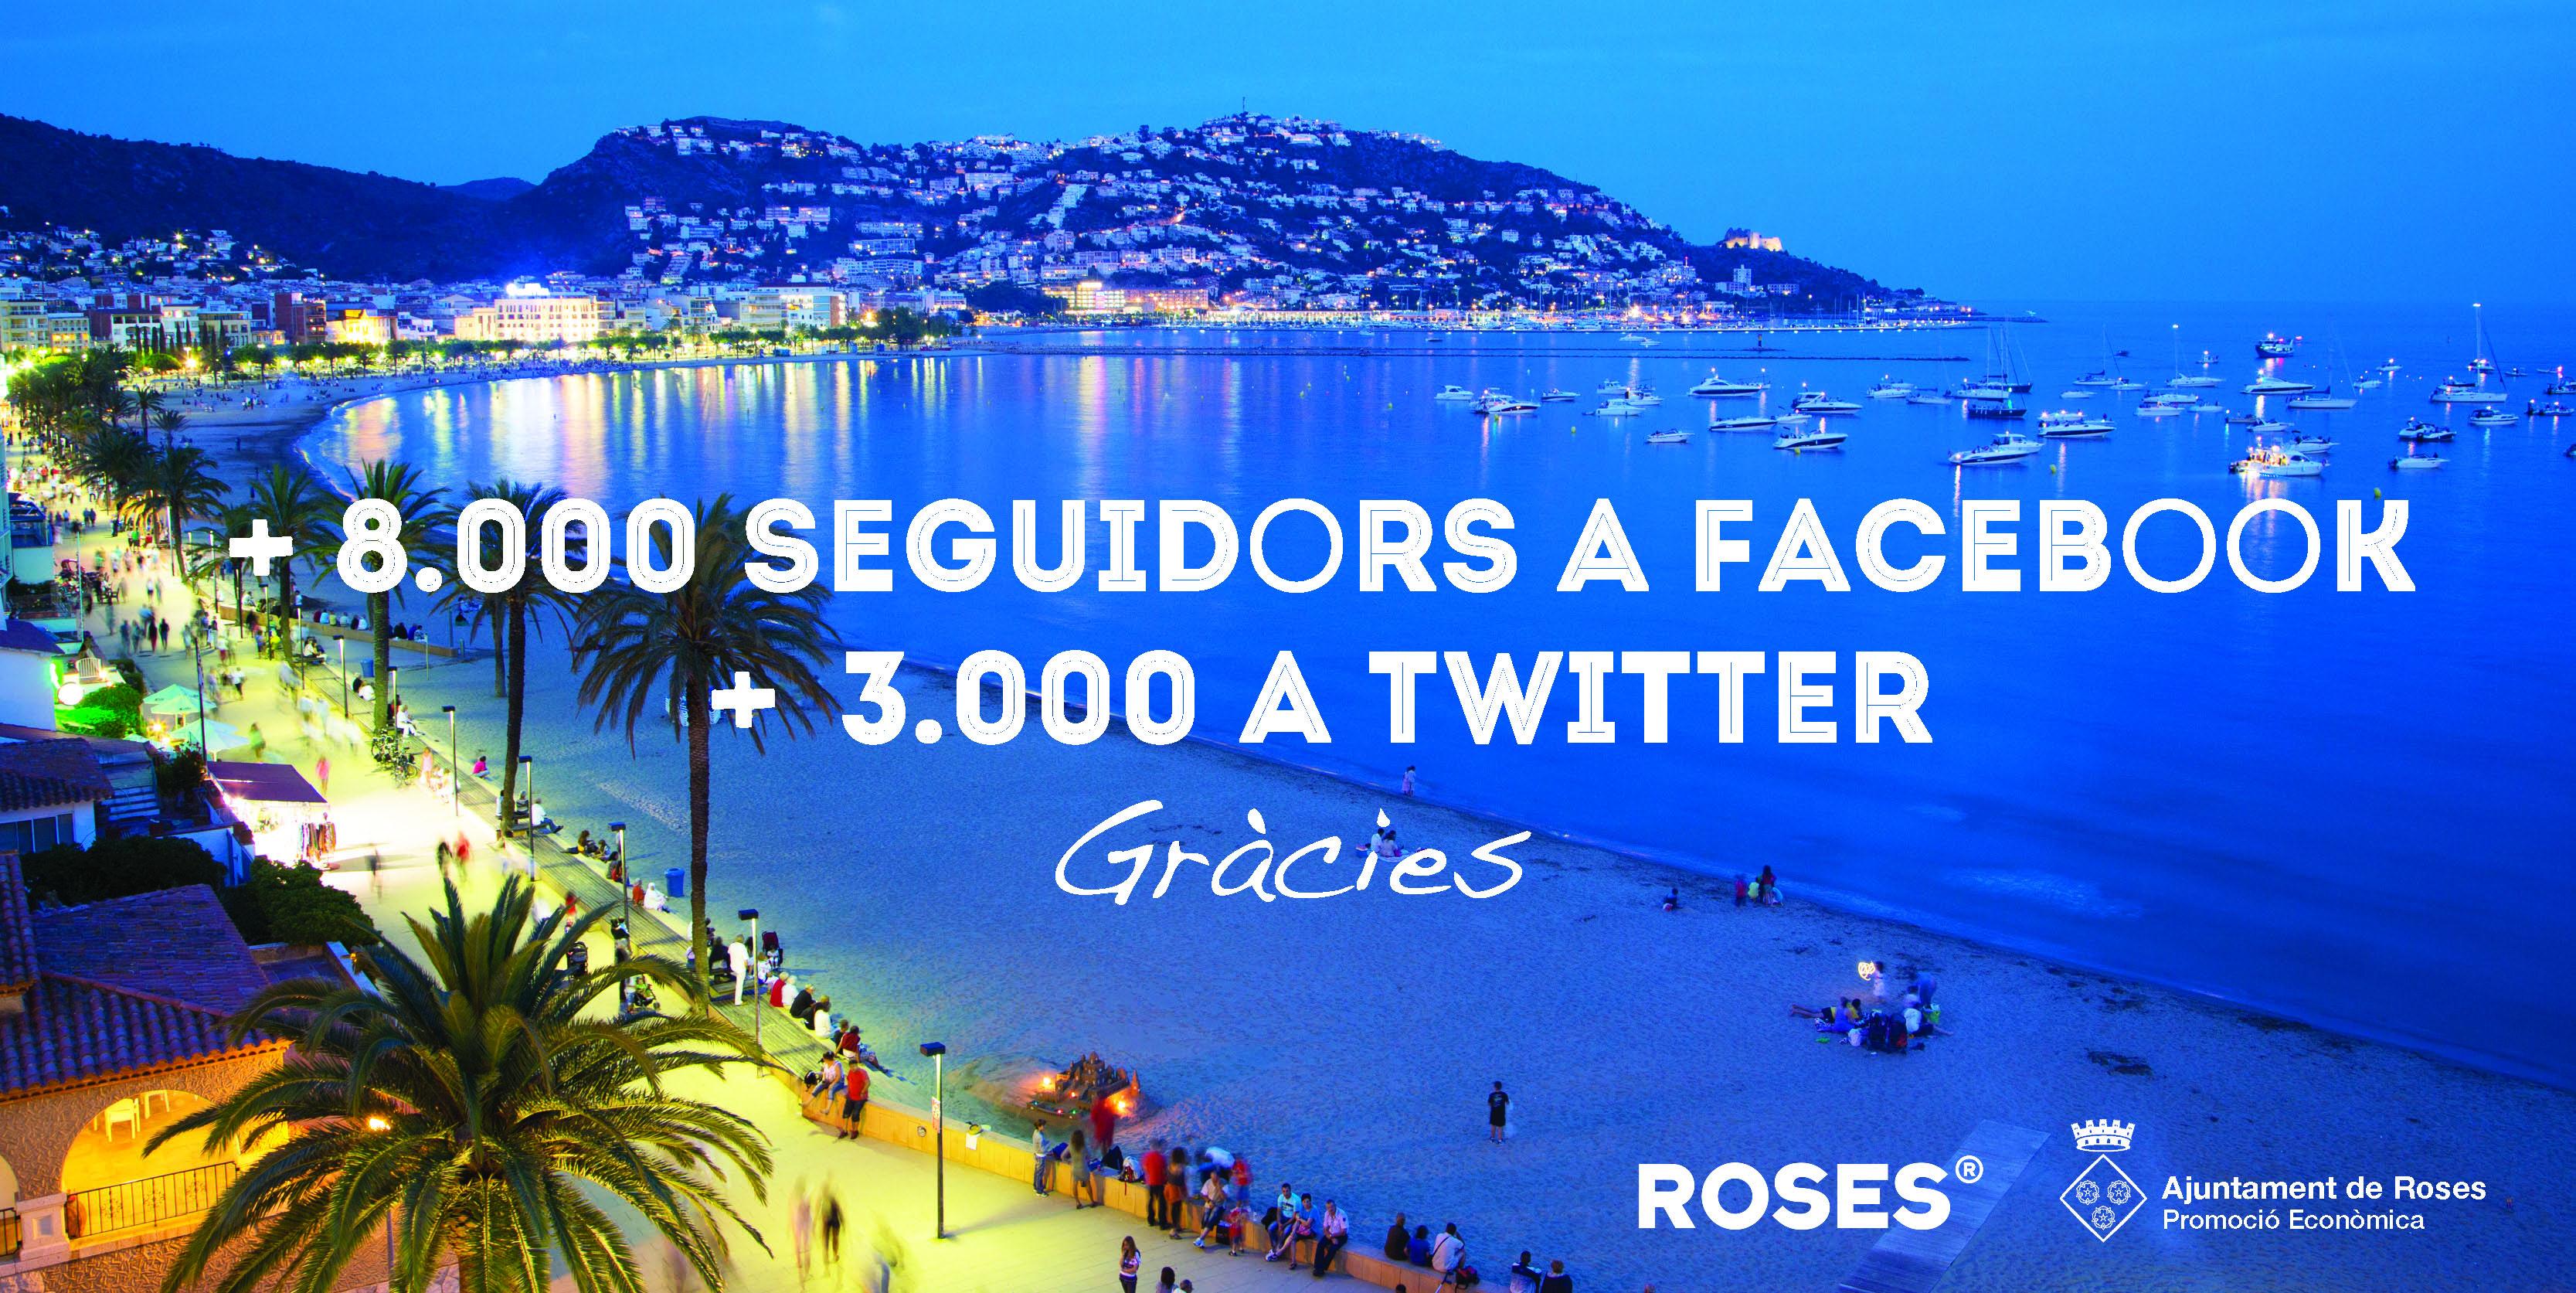 L'Ajuntament de Roses creix a les xarxes socials